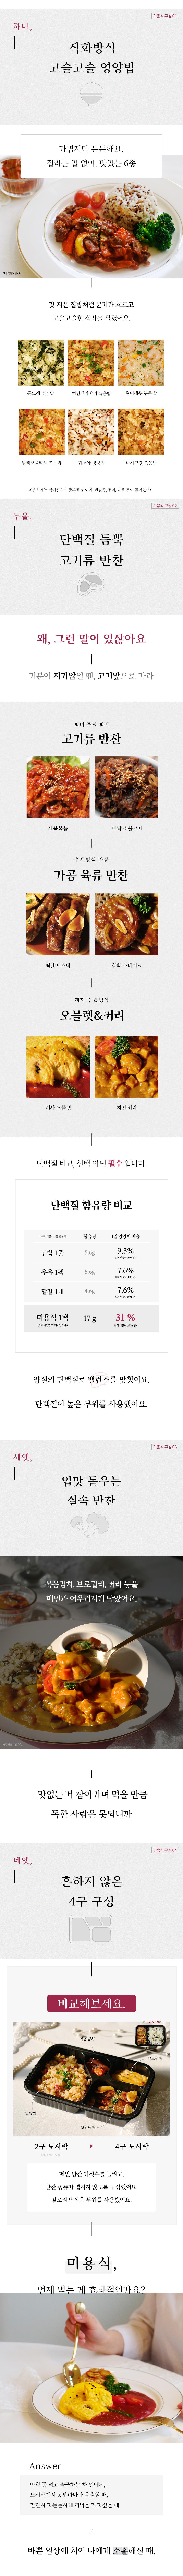 아이밀 미용식 식단관리 도시락 6종 (12팩) - 아이밀, 49,900원, 밥/국, 간편 밥